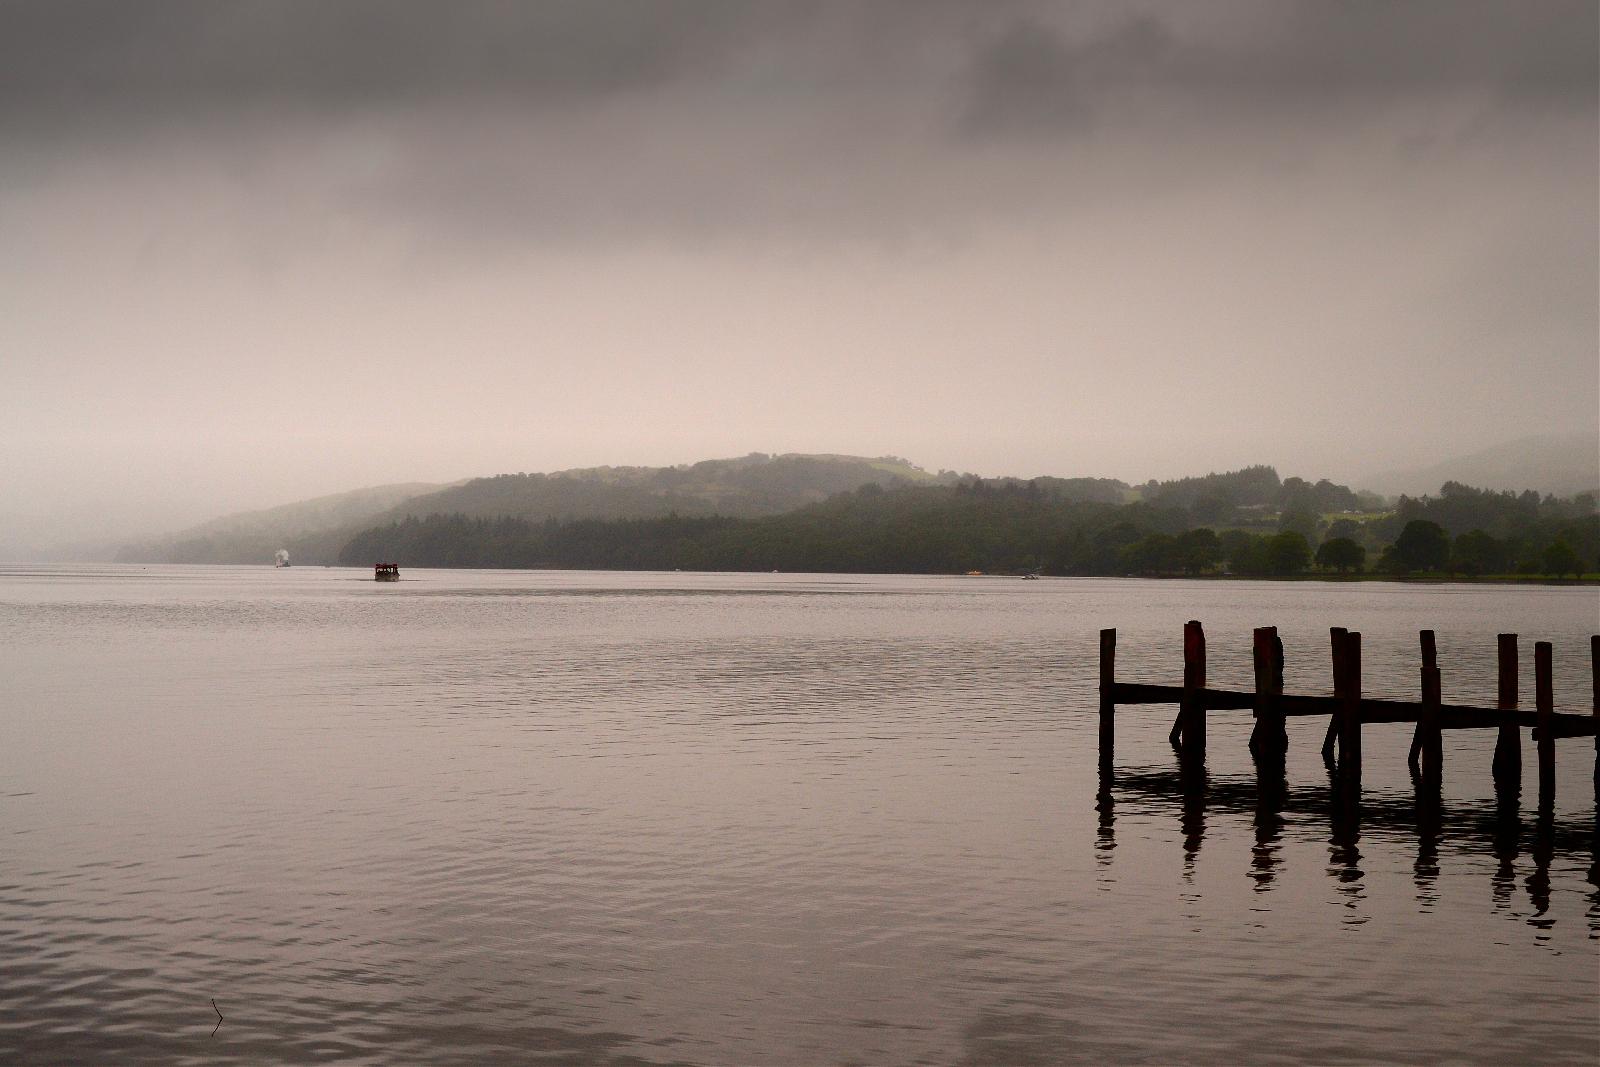 Coniston Water in the rain